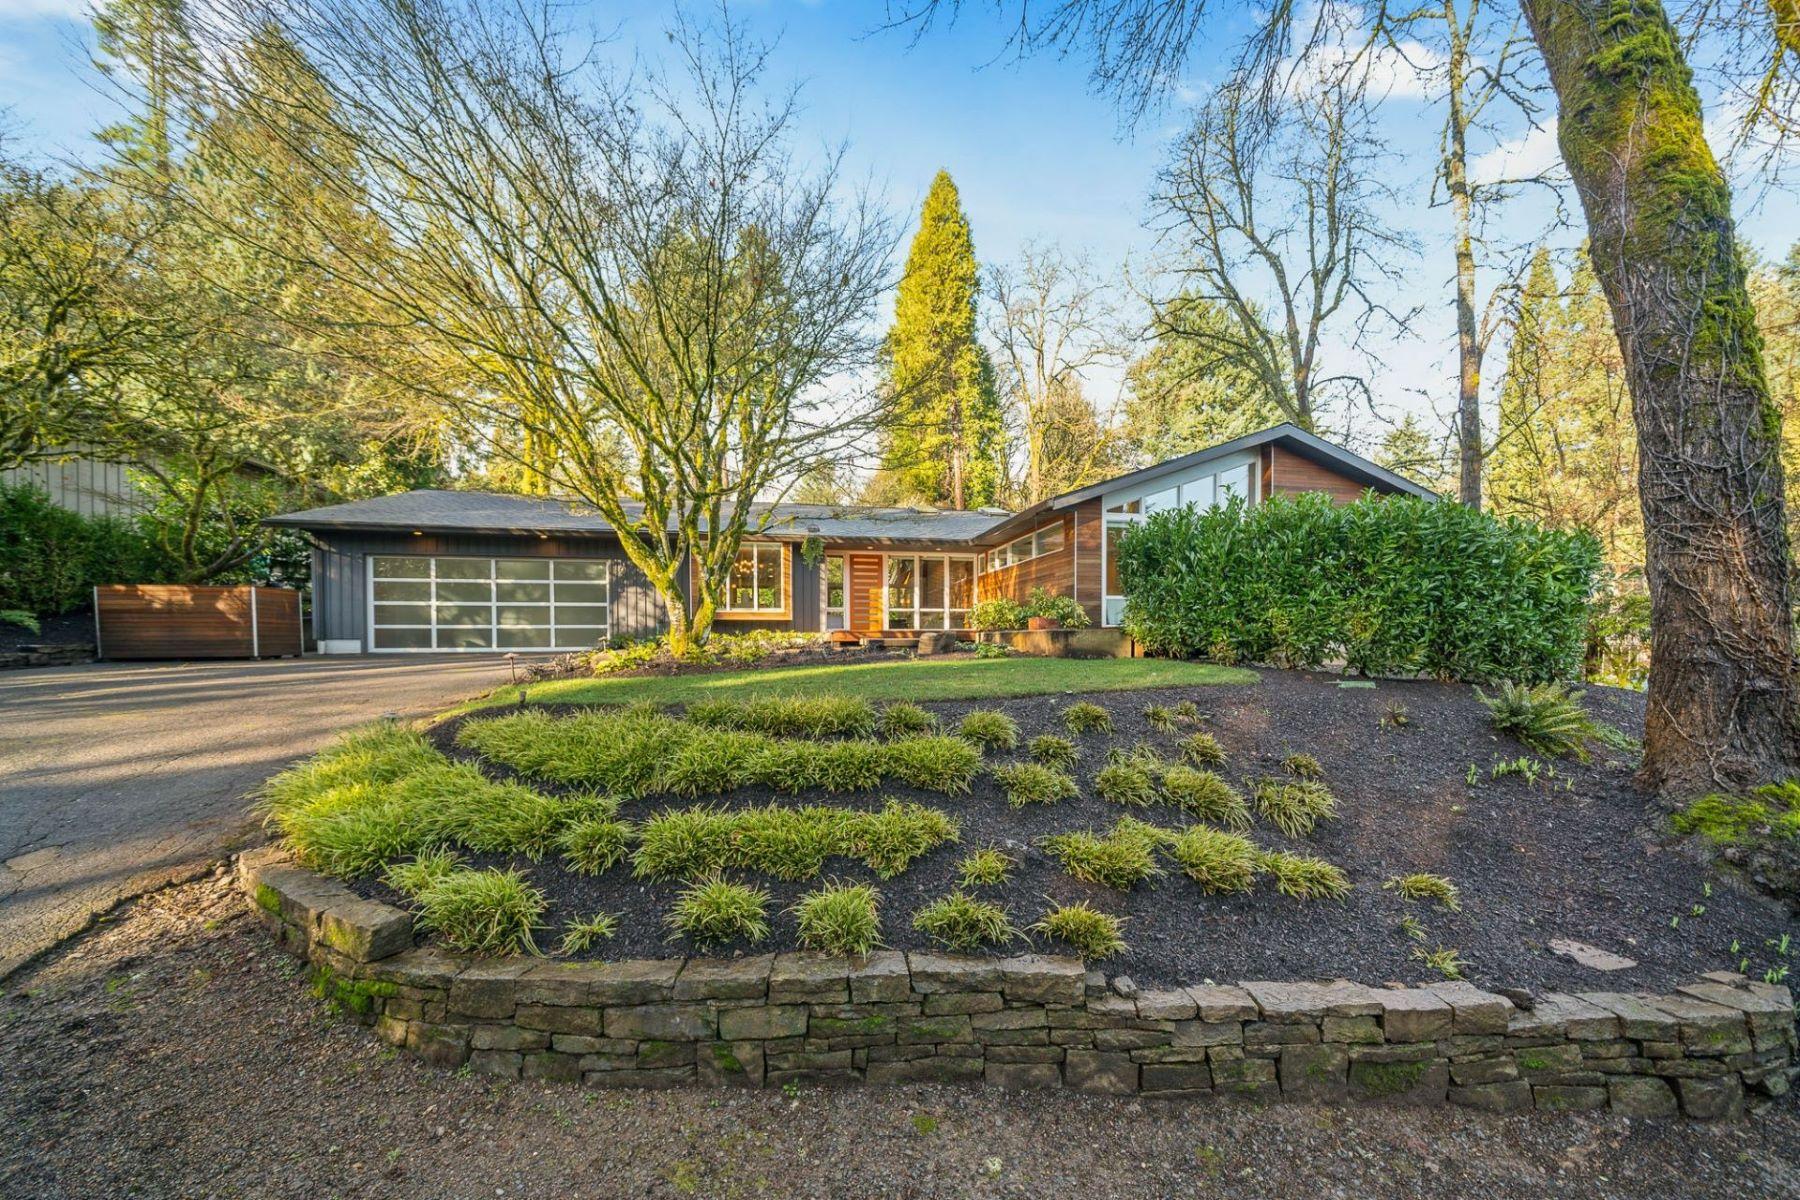 Other Residential Homes για την Πώληση στο 10745 SW MOAPA AVE Portland, OR 97219 Portland, Ορεγκον 97219 Ηνωμένες Πολιτείες